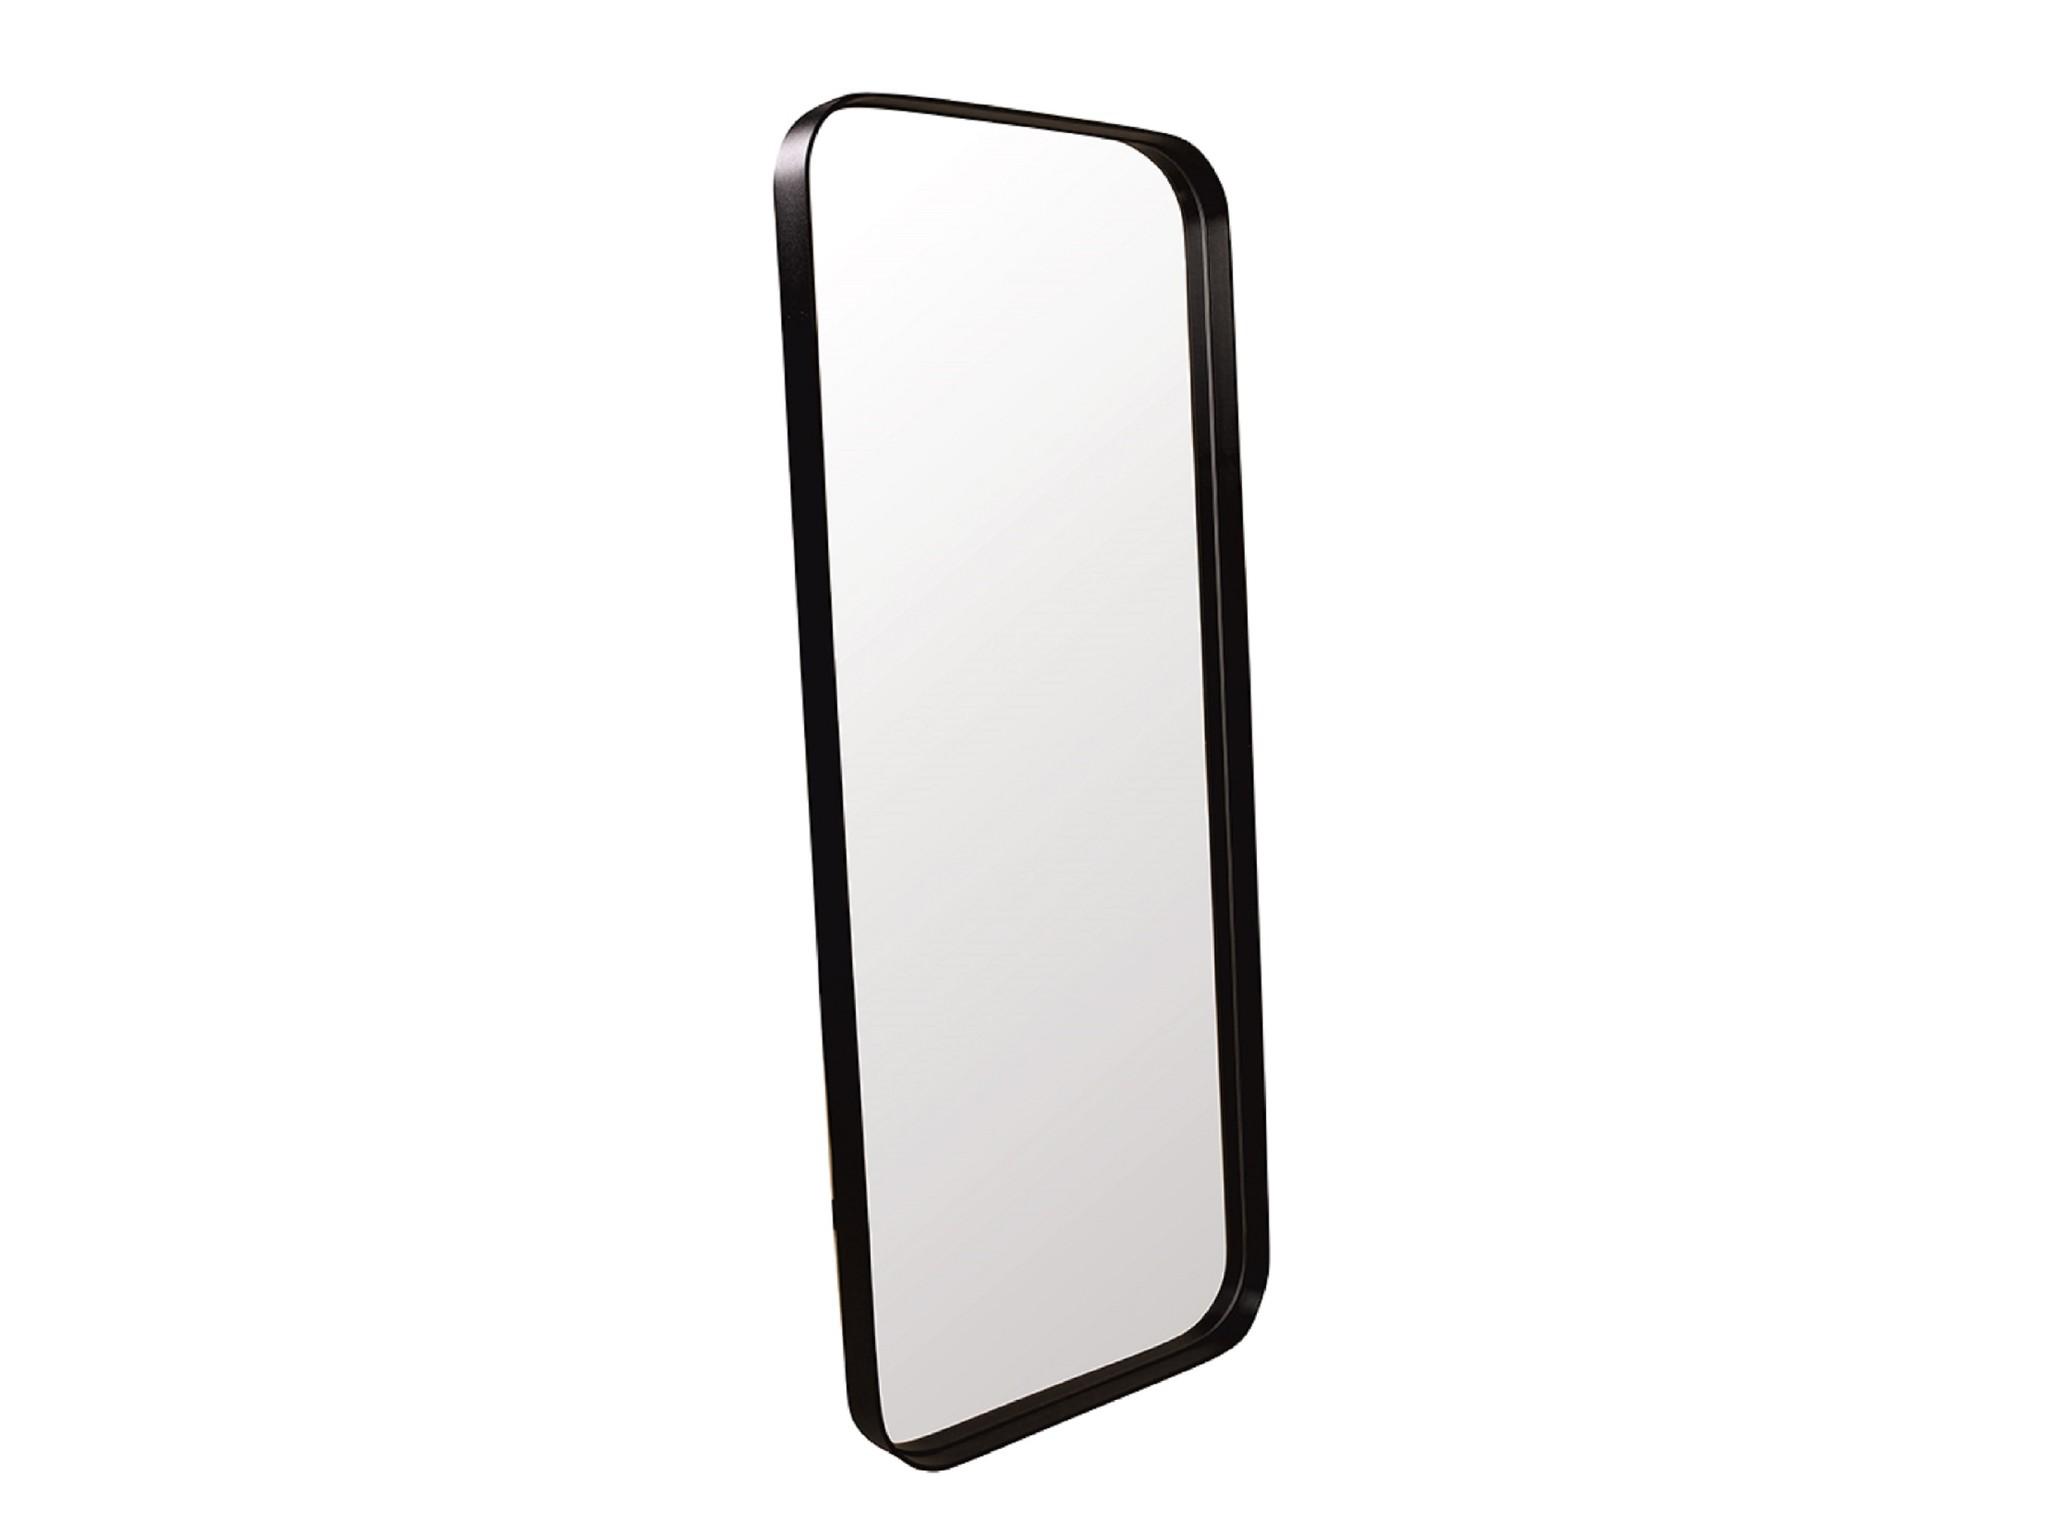 Настенное зеркало кира 120*60 (simple mirror) черный 60.0x120.0x4.0 см.